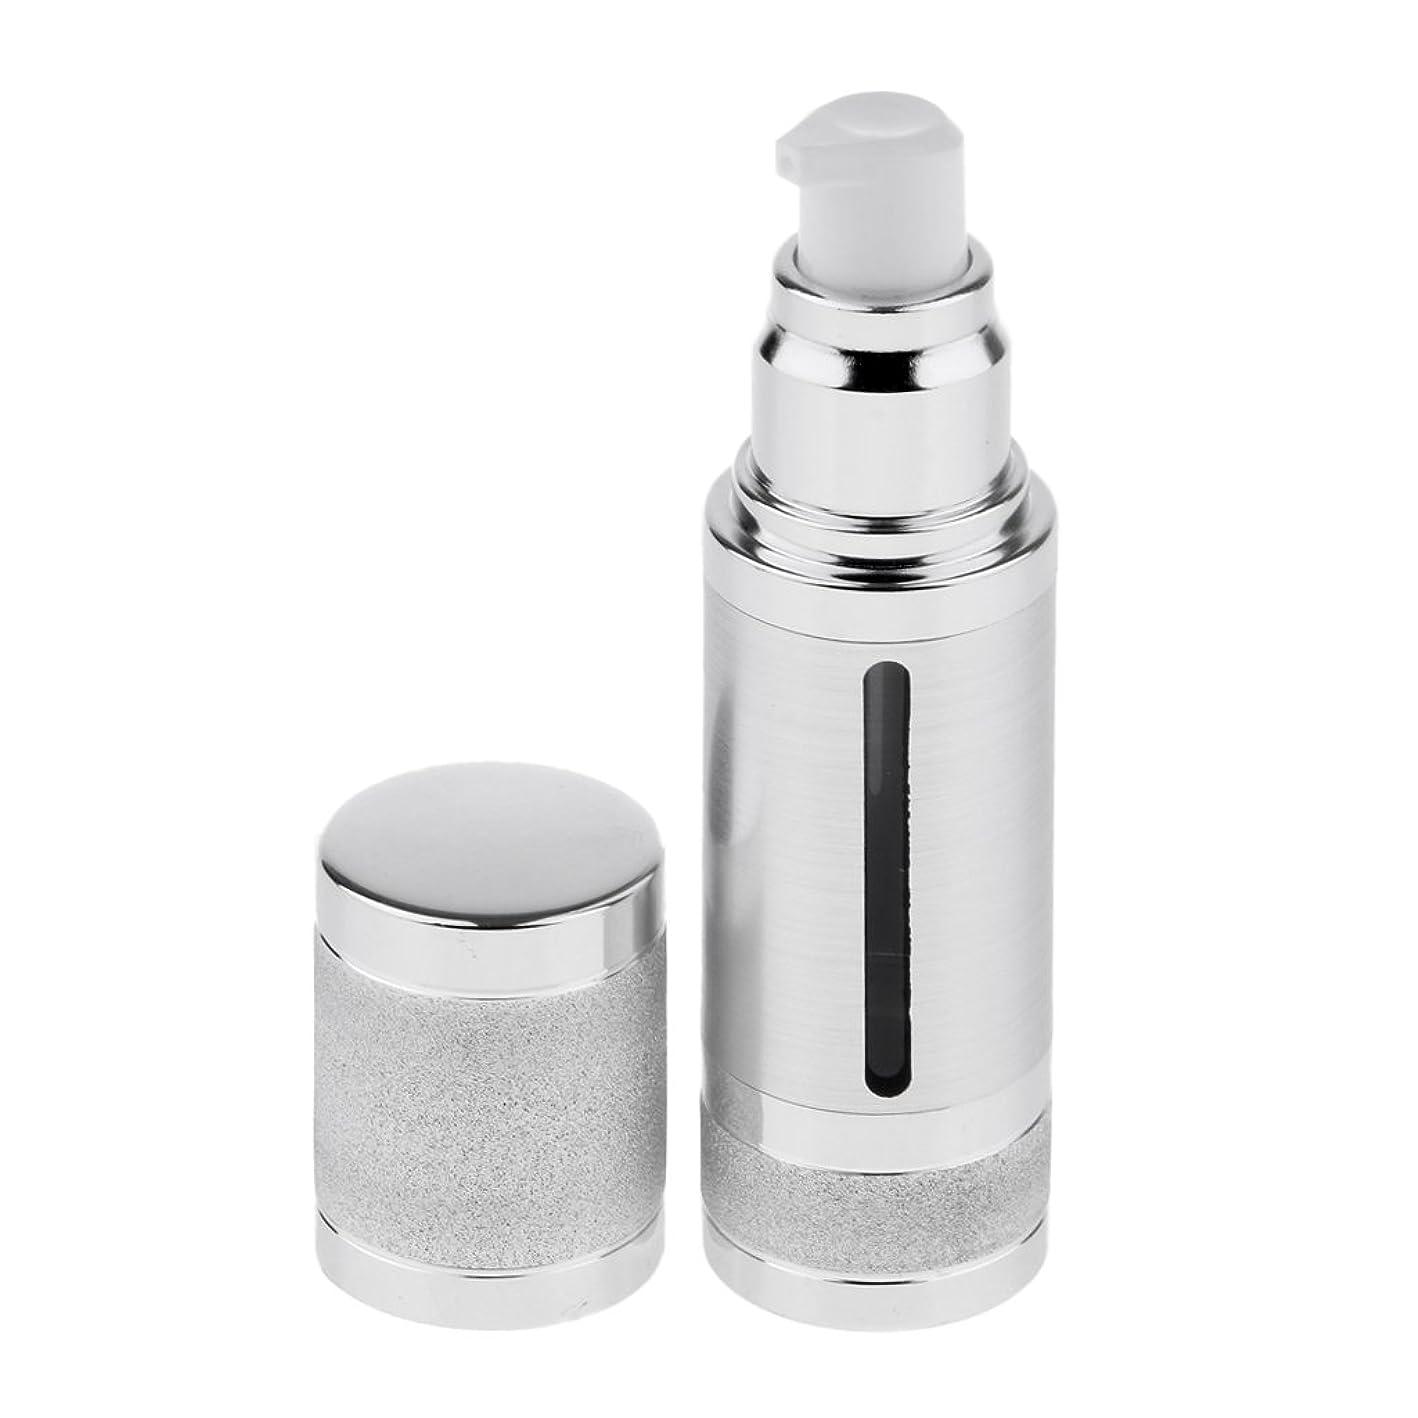 トレイ該当するアーティキュレーションFenteer ポンプボトル 空ボトル エアレスボトル 30ml 化粧品 詰め替え 容器 DIY 2色選べる - 銀